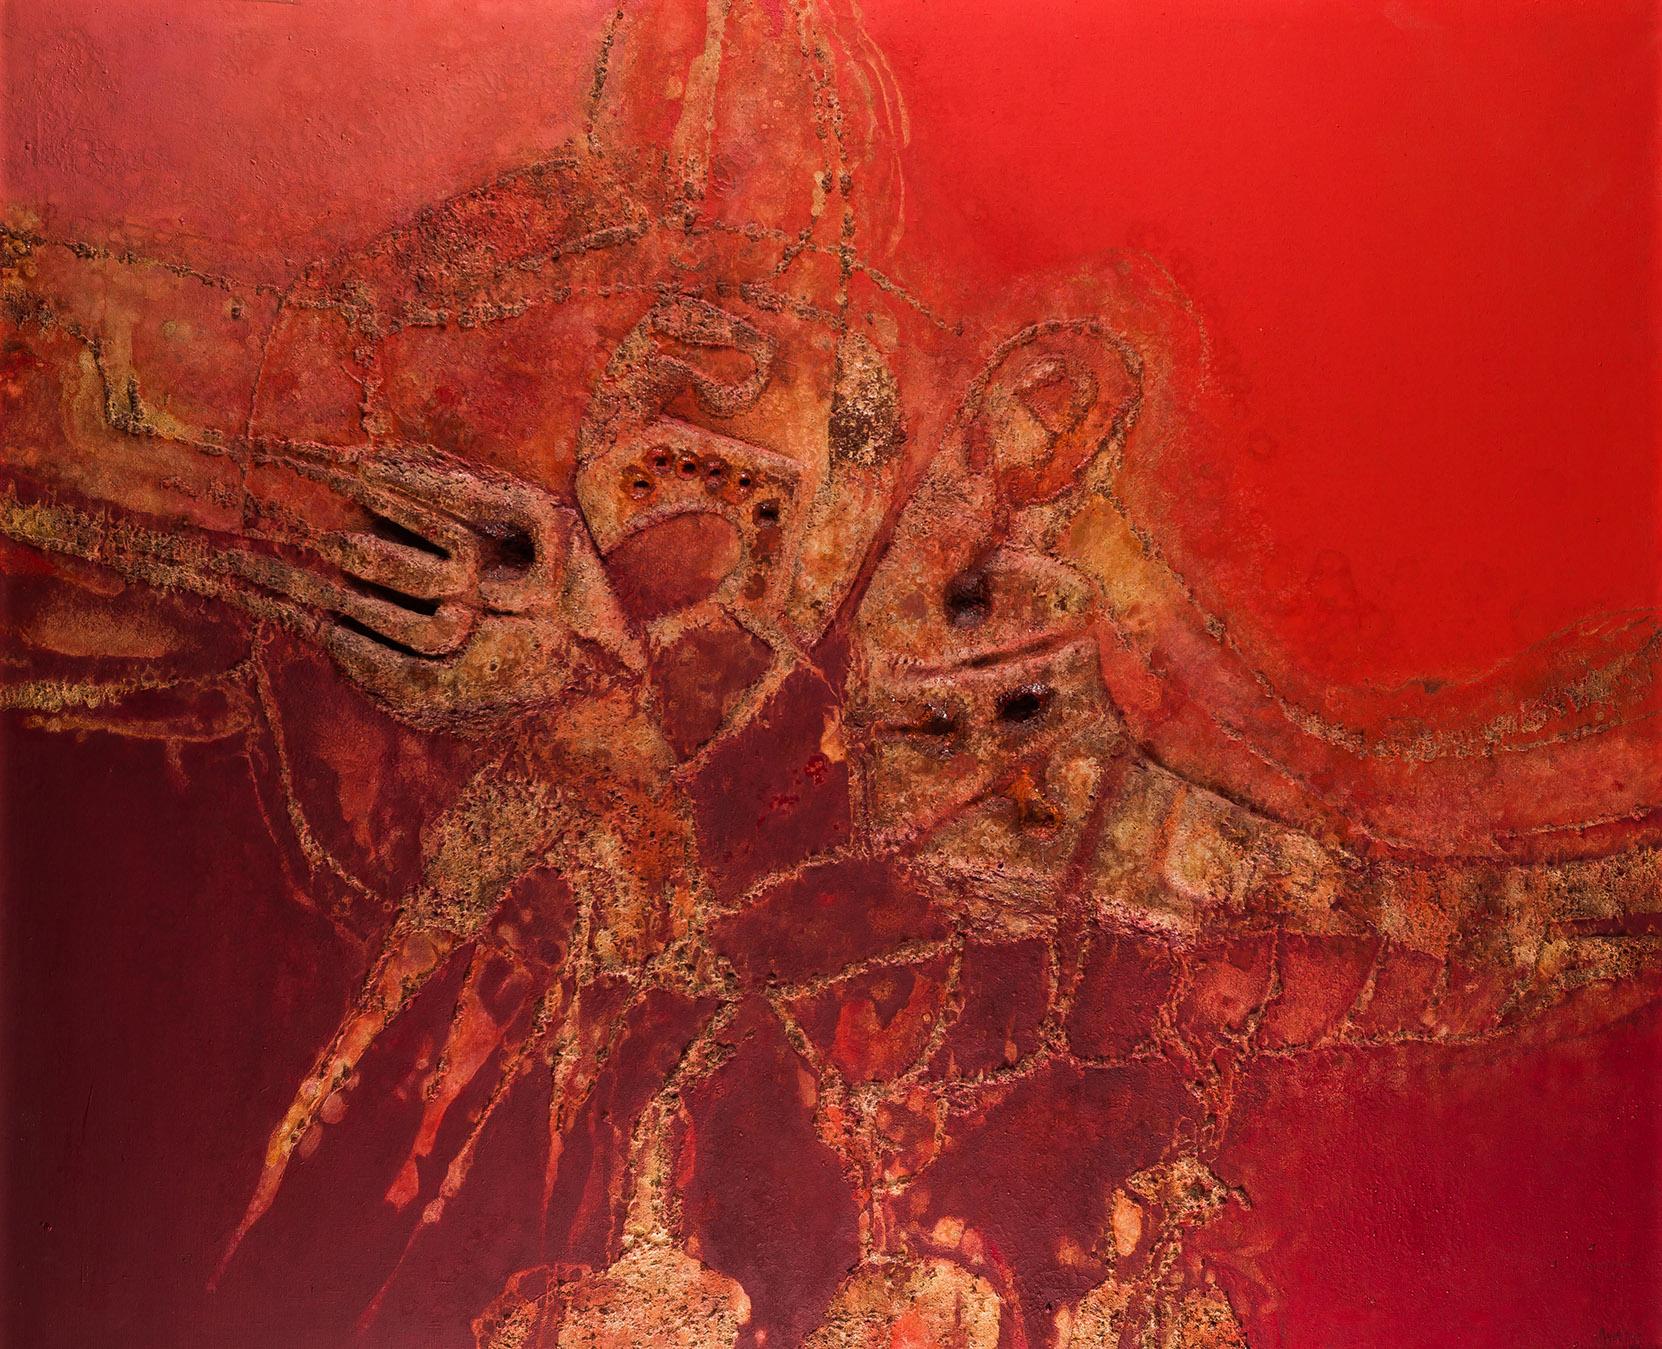 Cesar-Manrique-30000-anos-despues-1977